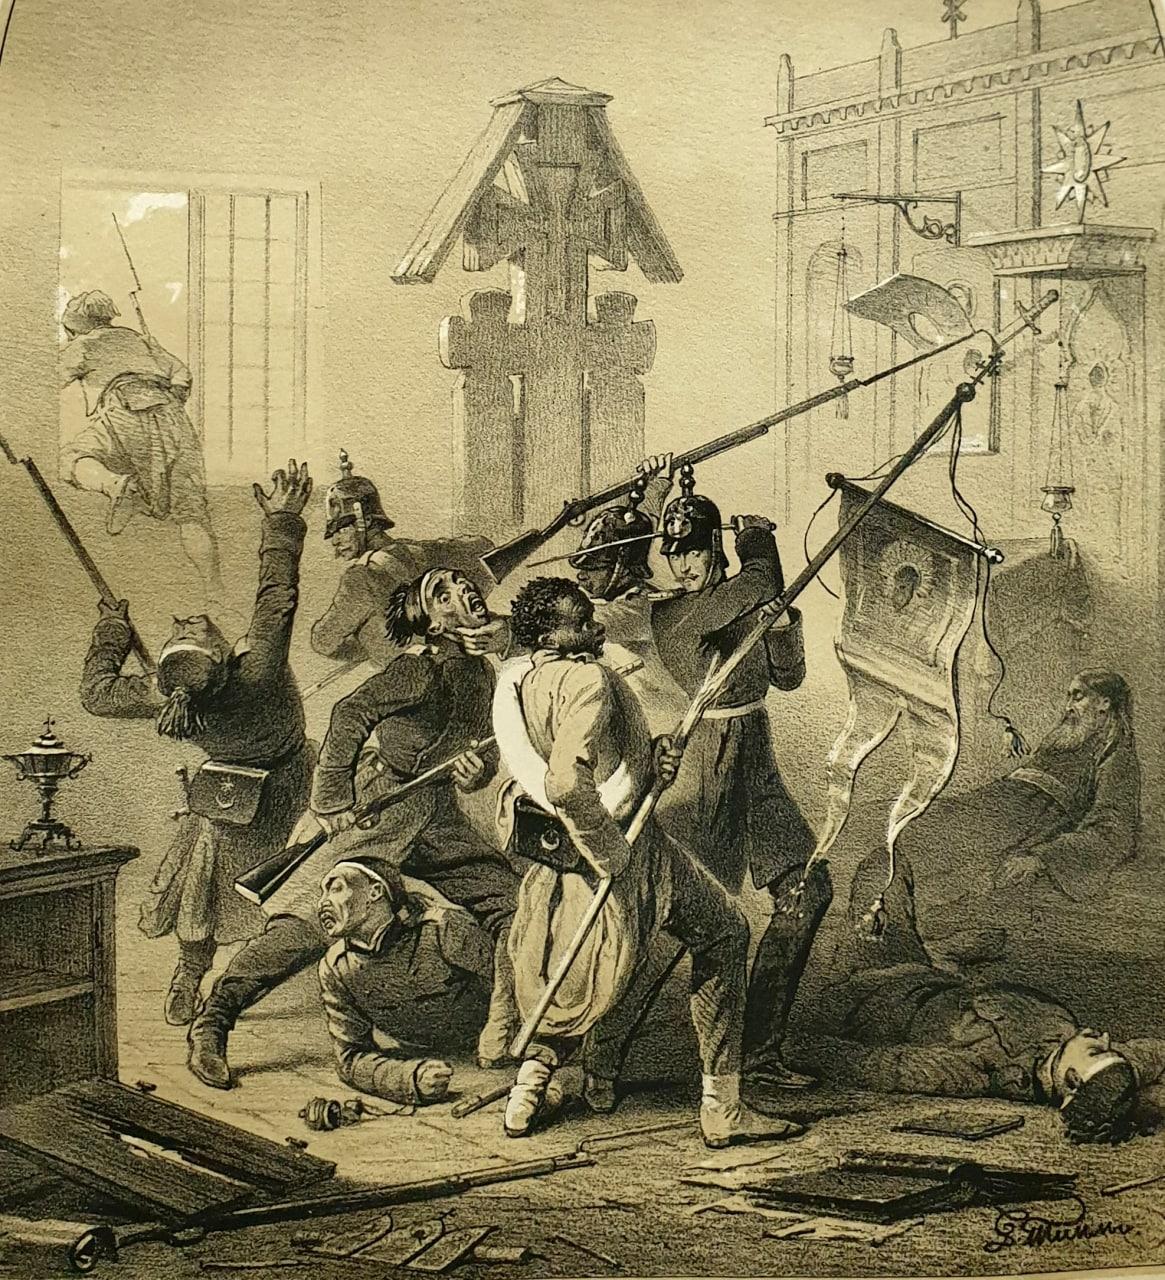 Сражение при селе Четати  «Эпизод из сражения в селе Четати 25 декабря 1853...